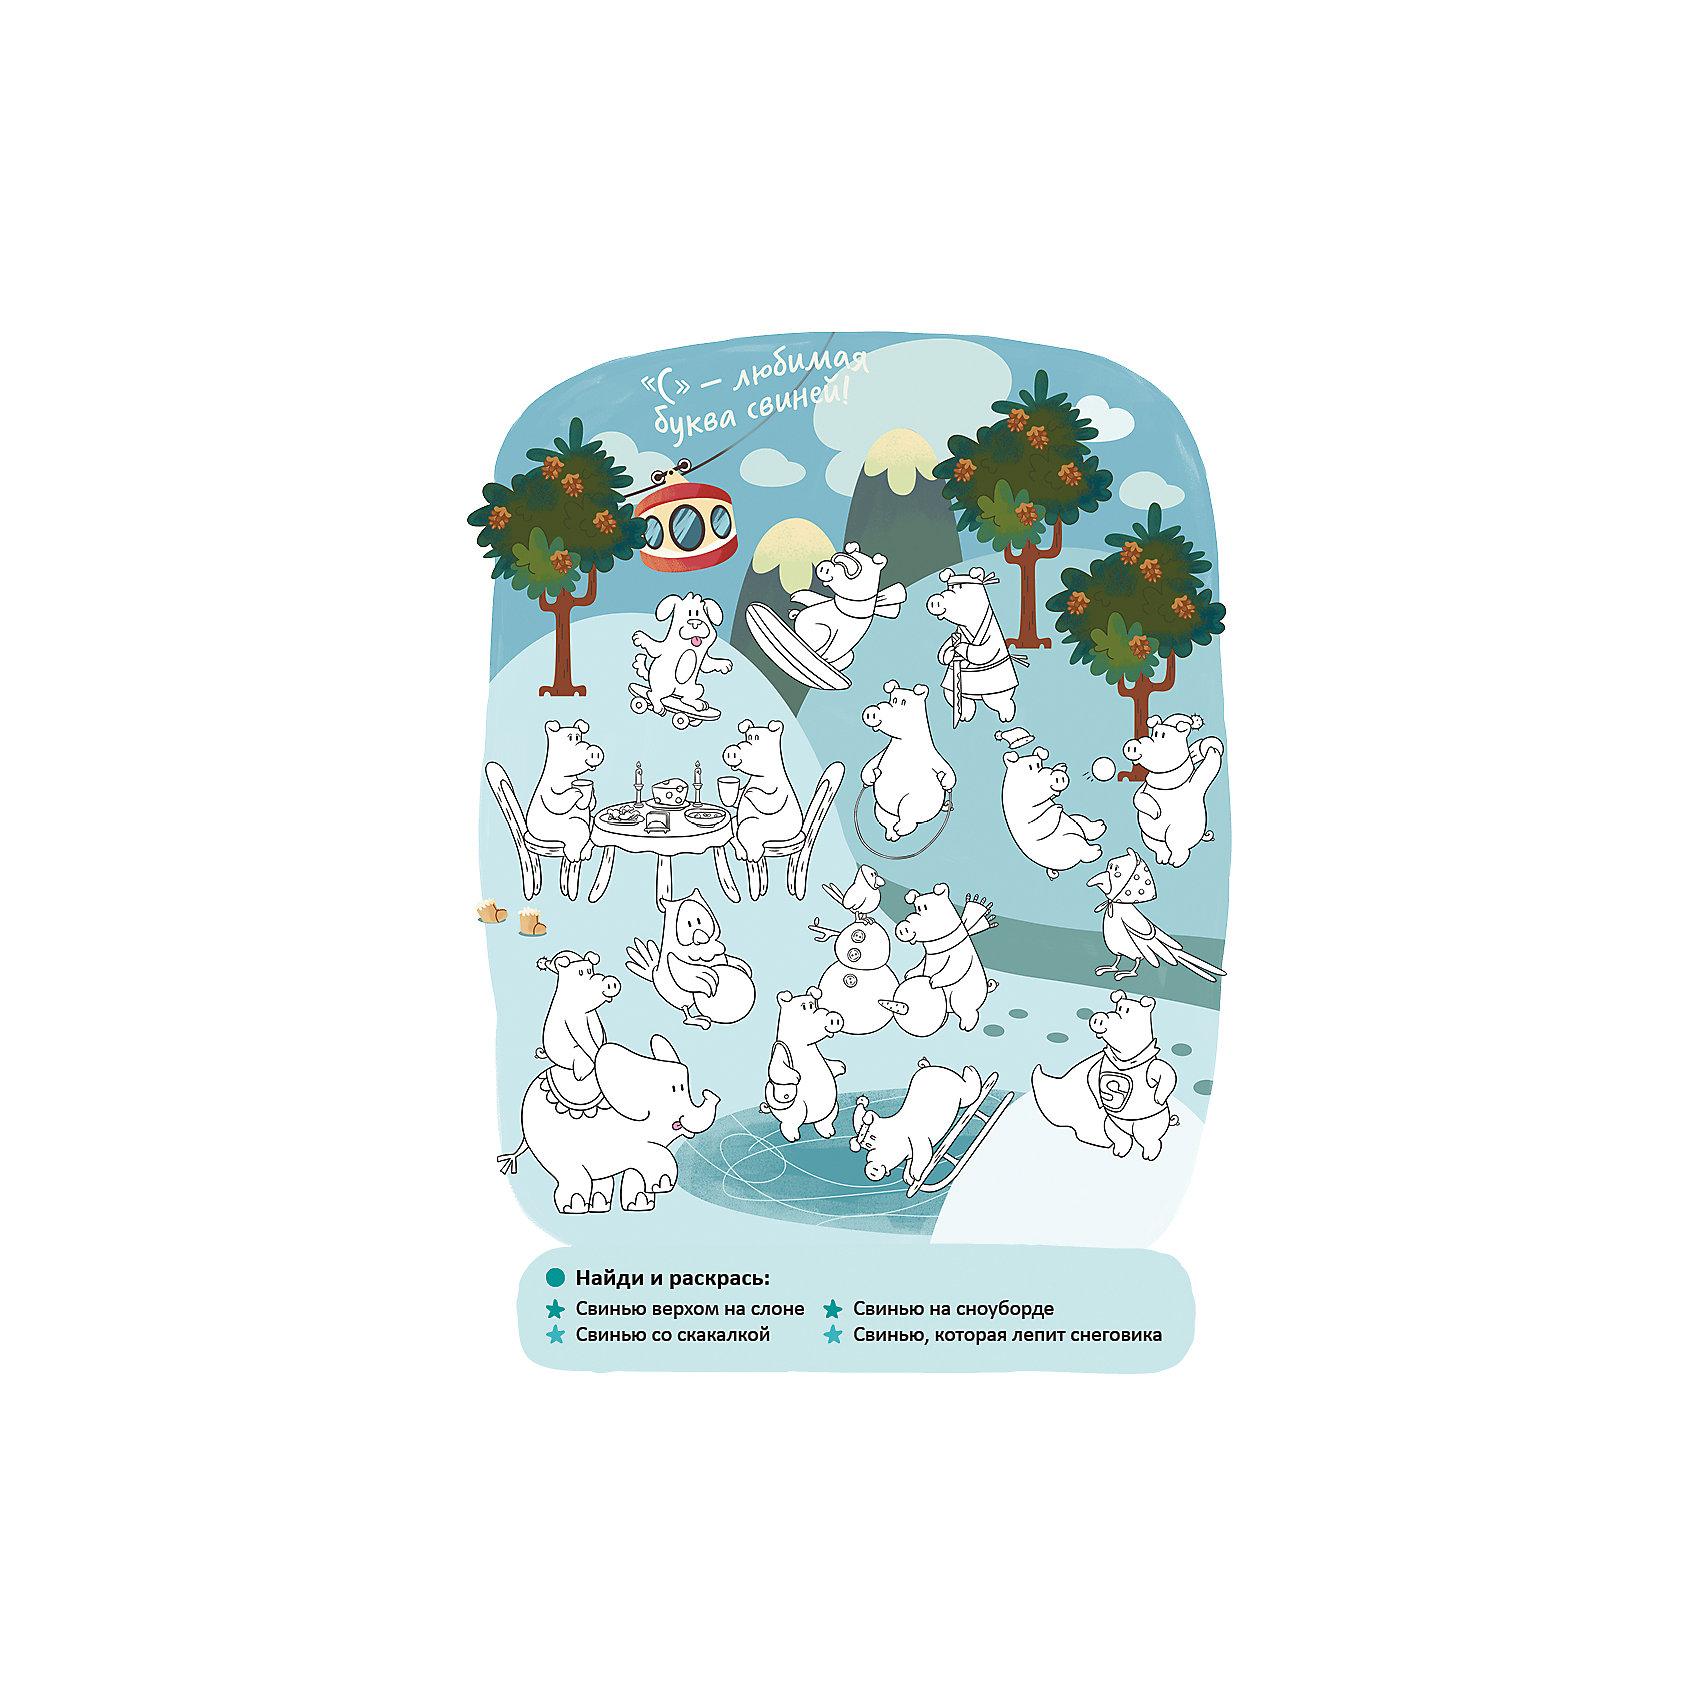 """Блокнот с играми и заданиями """"Азбука животных"""", Ю. Шигарова от myToys"""